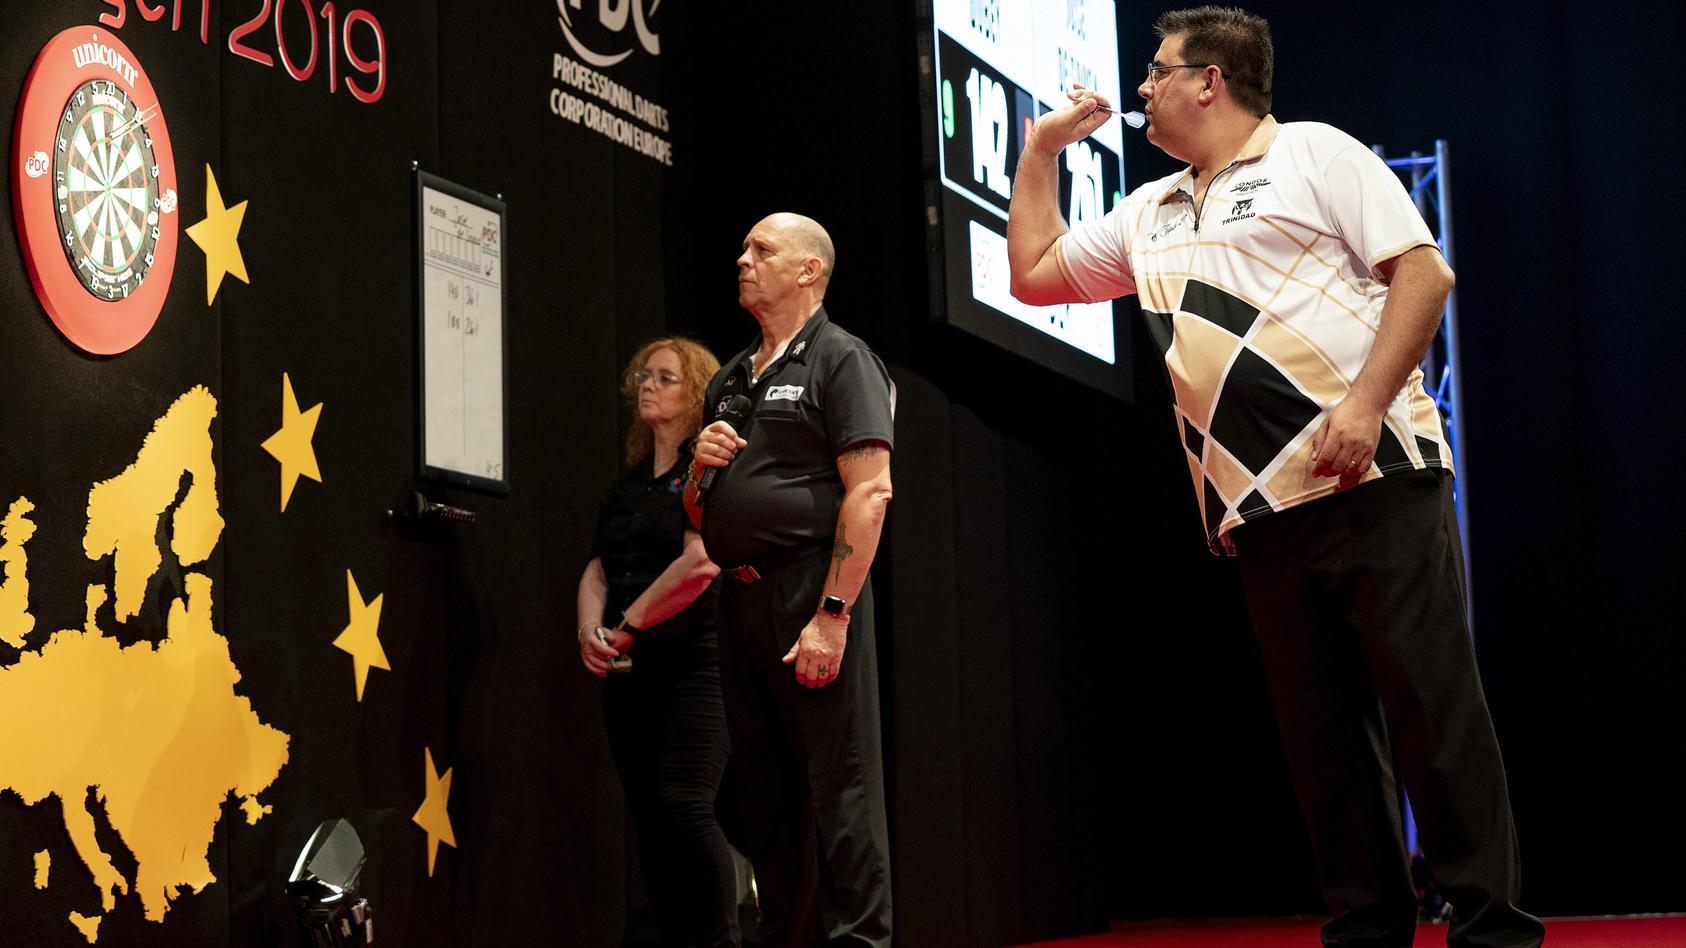 Sensation beim Grand Slam of Darts: Der Newcomer José de Sousa gewinnt eines der wichtigsten Dartsturniere des Jahres.